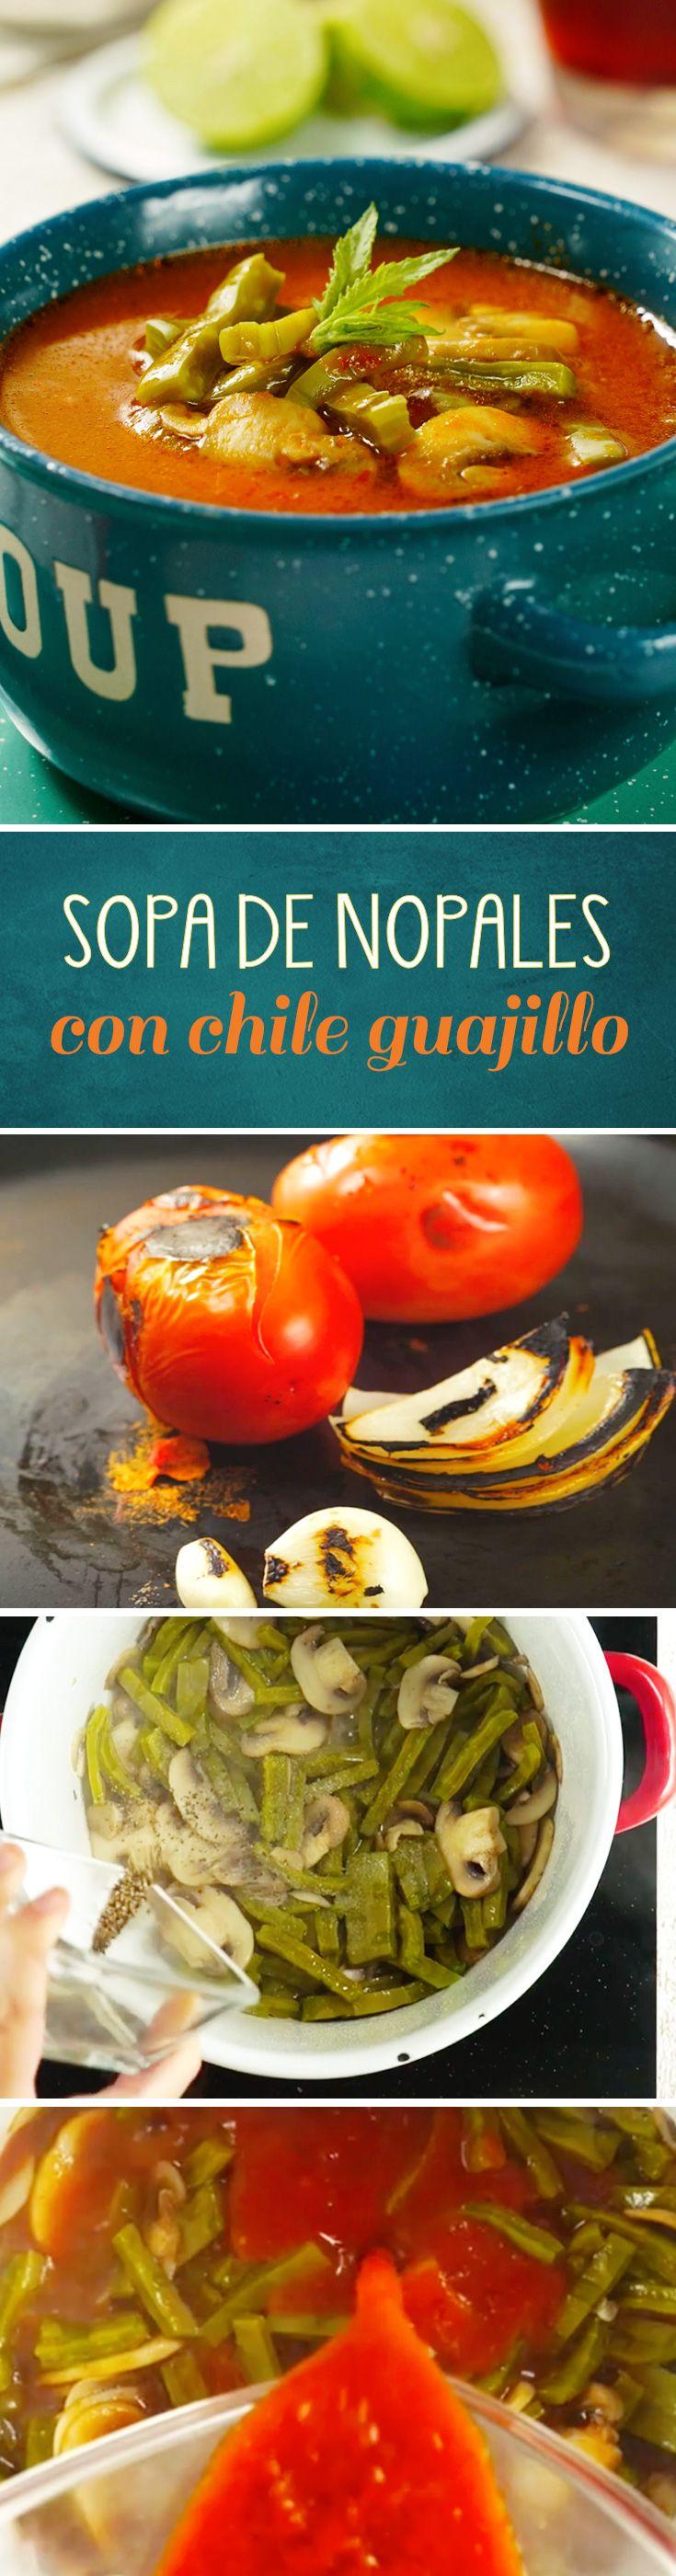 Receta de sopa de nopales con chile guajillo que estará lista en unos minutos. Esta receta casera de cocina mexicana es muy saludable y perfecta para no darte por vencida en la dieta.